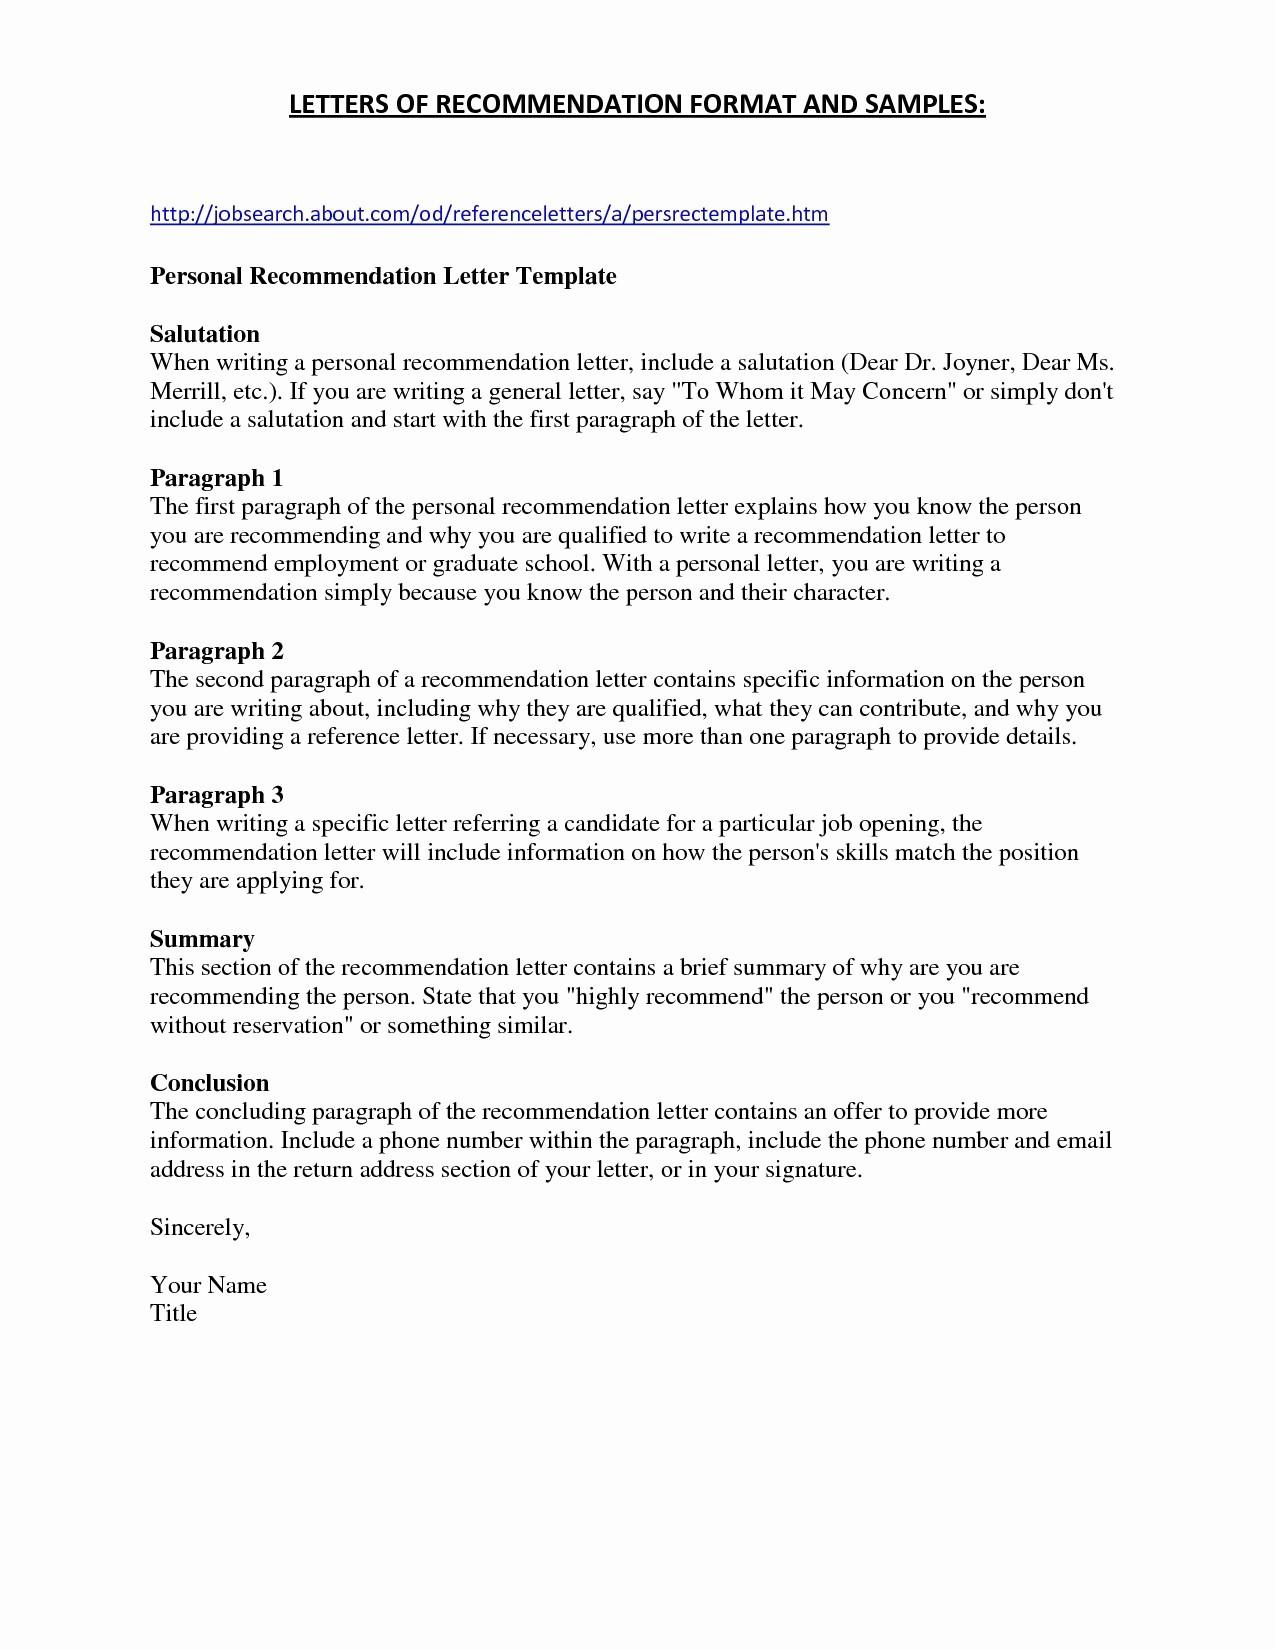 Pension Letter Template - Job Fer Letter Australia New Nice Resume format Sample for Job